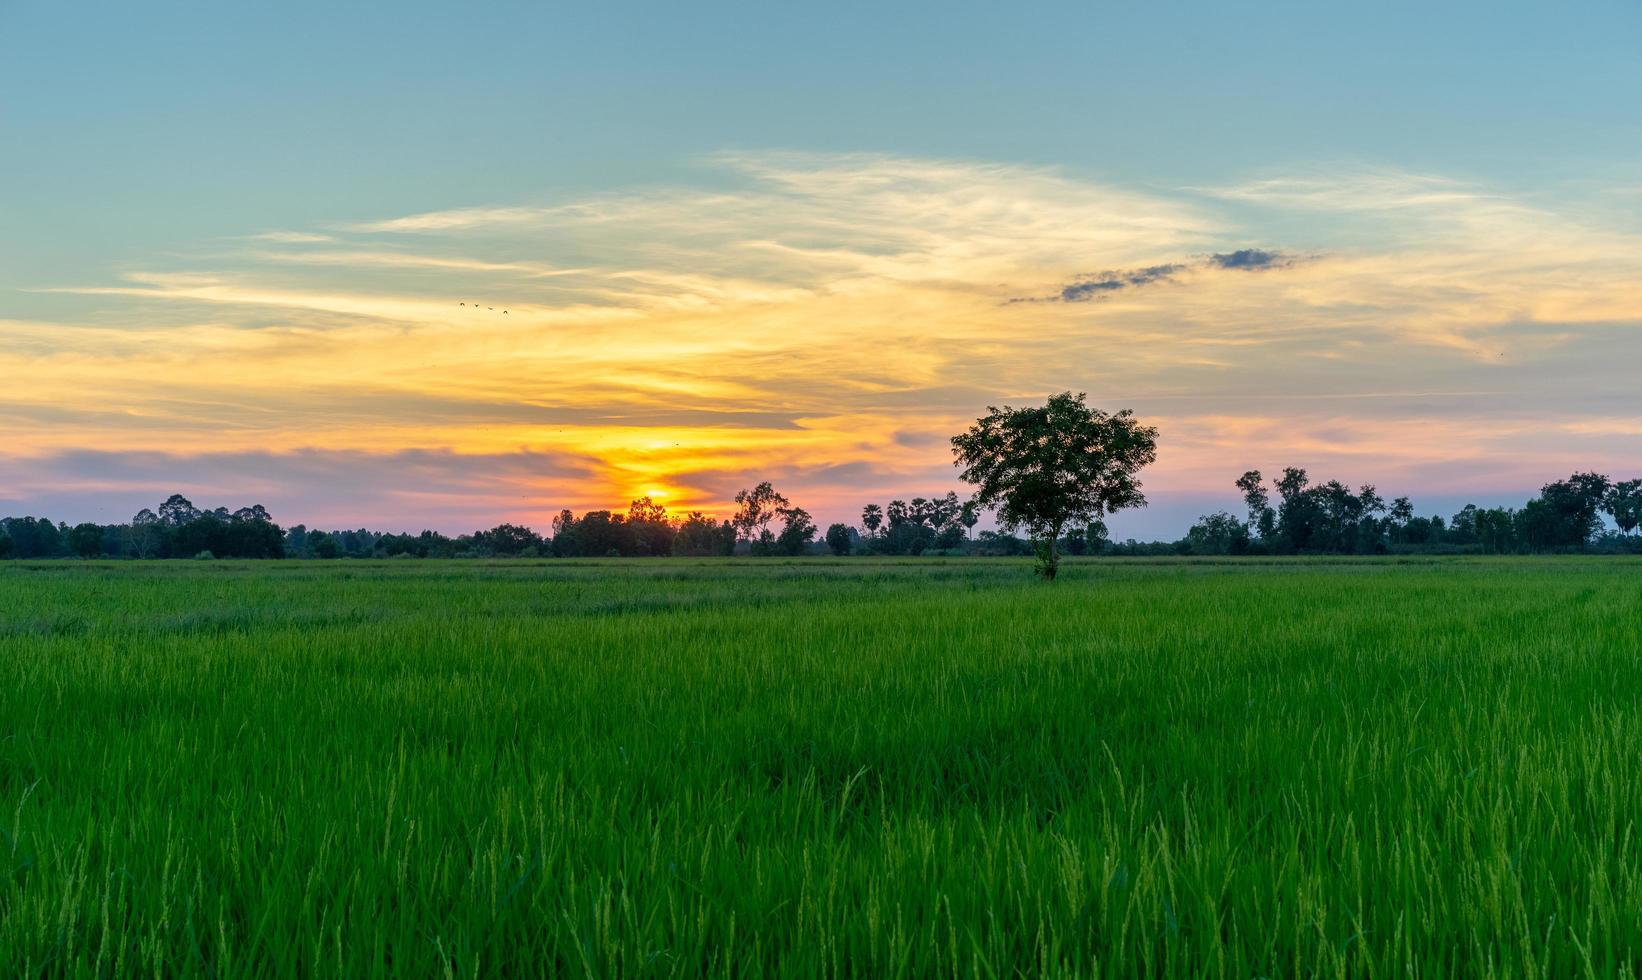 arbre sur le champ vert au coucher du soleil photo